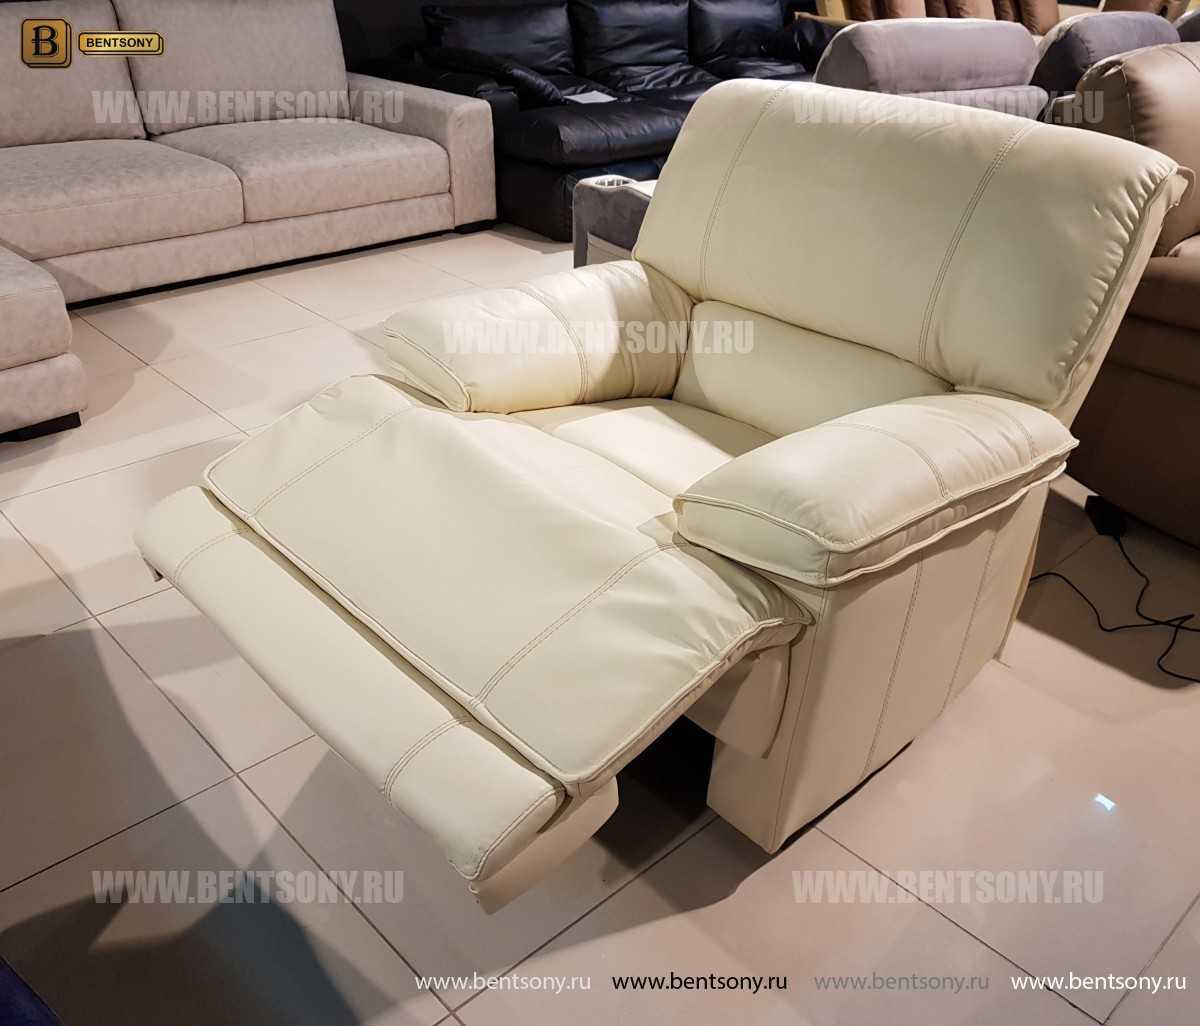 Кресло Капонело для кабинета (Реклайнер, Натуральная кожа) изображение